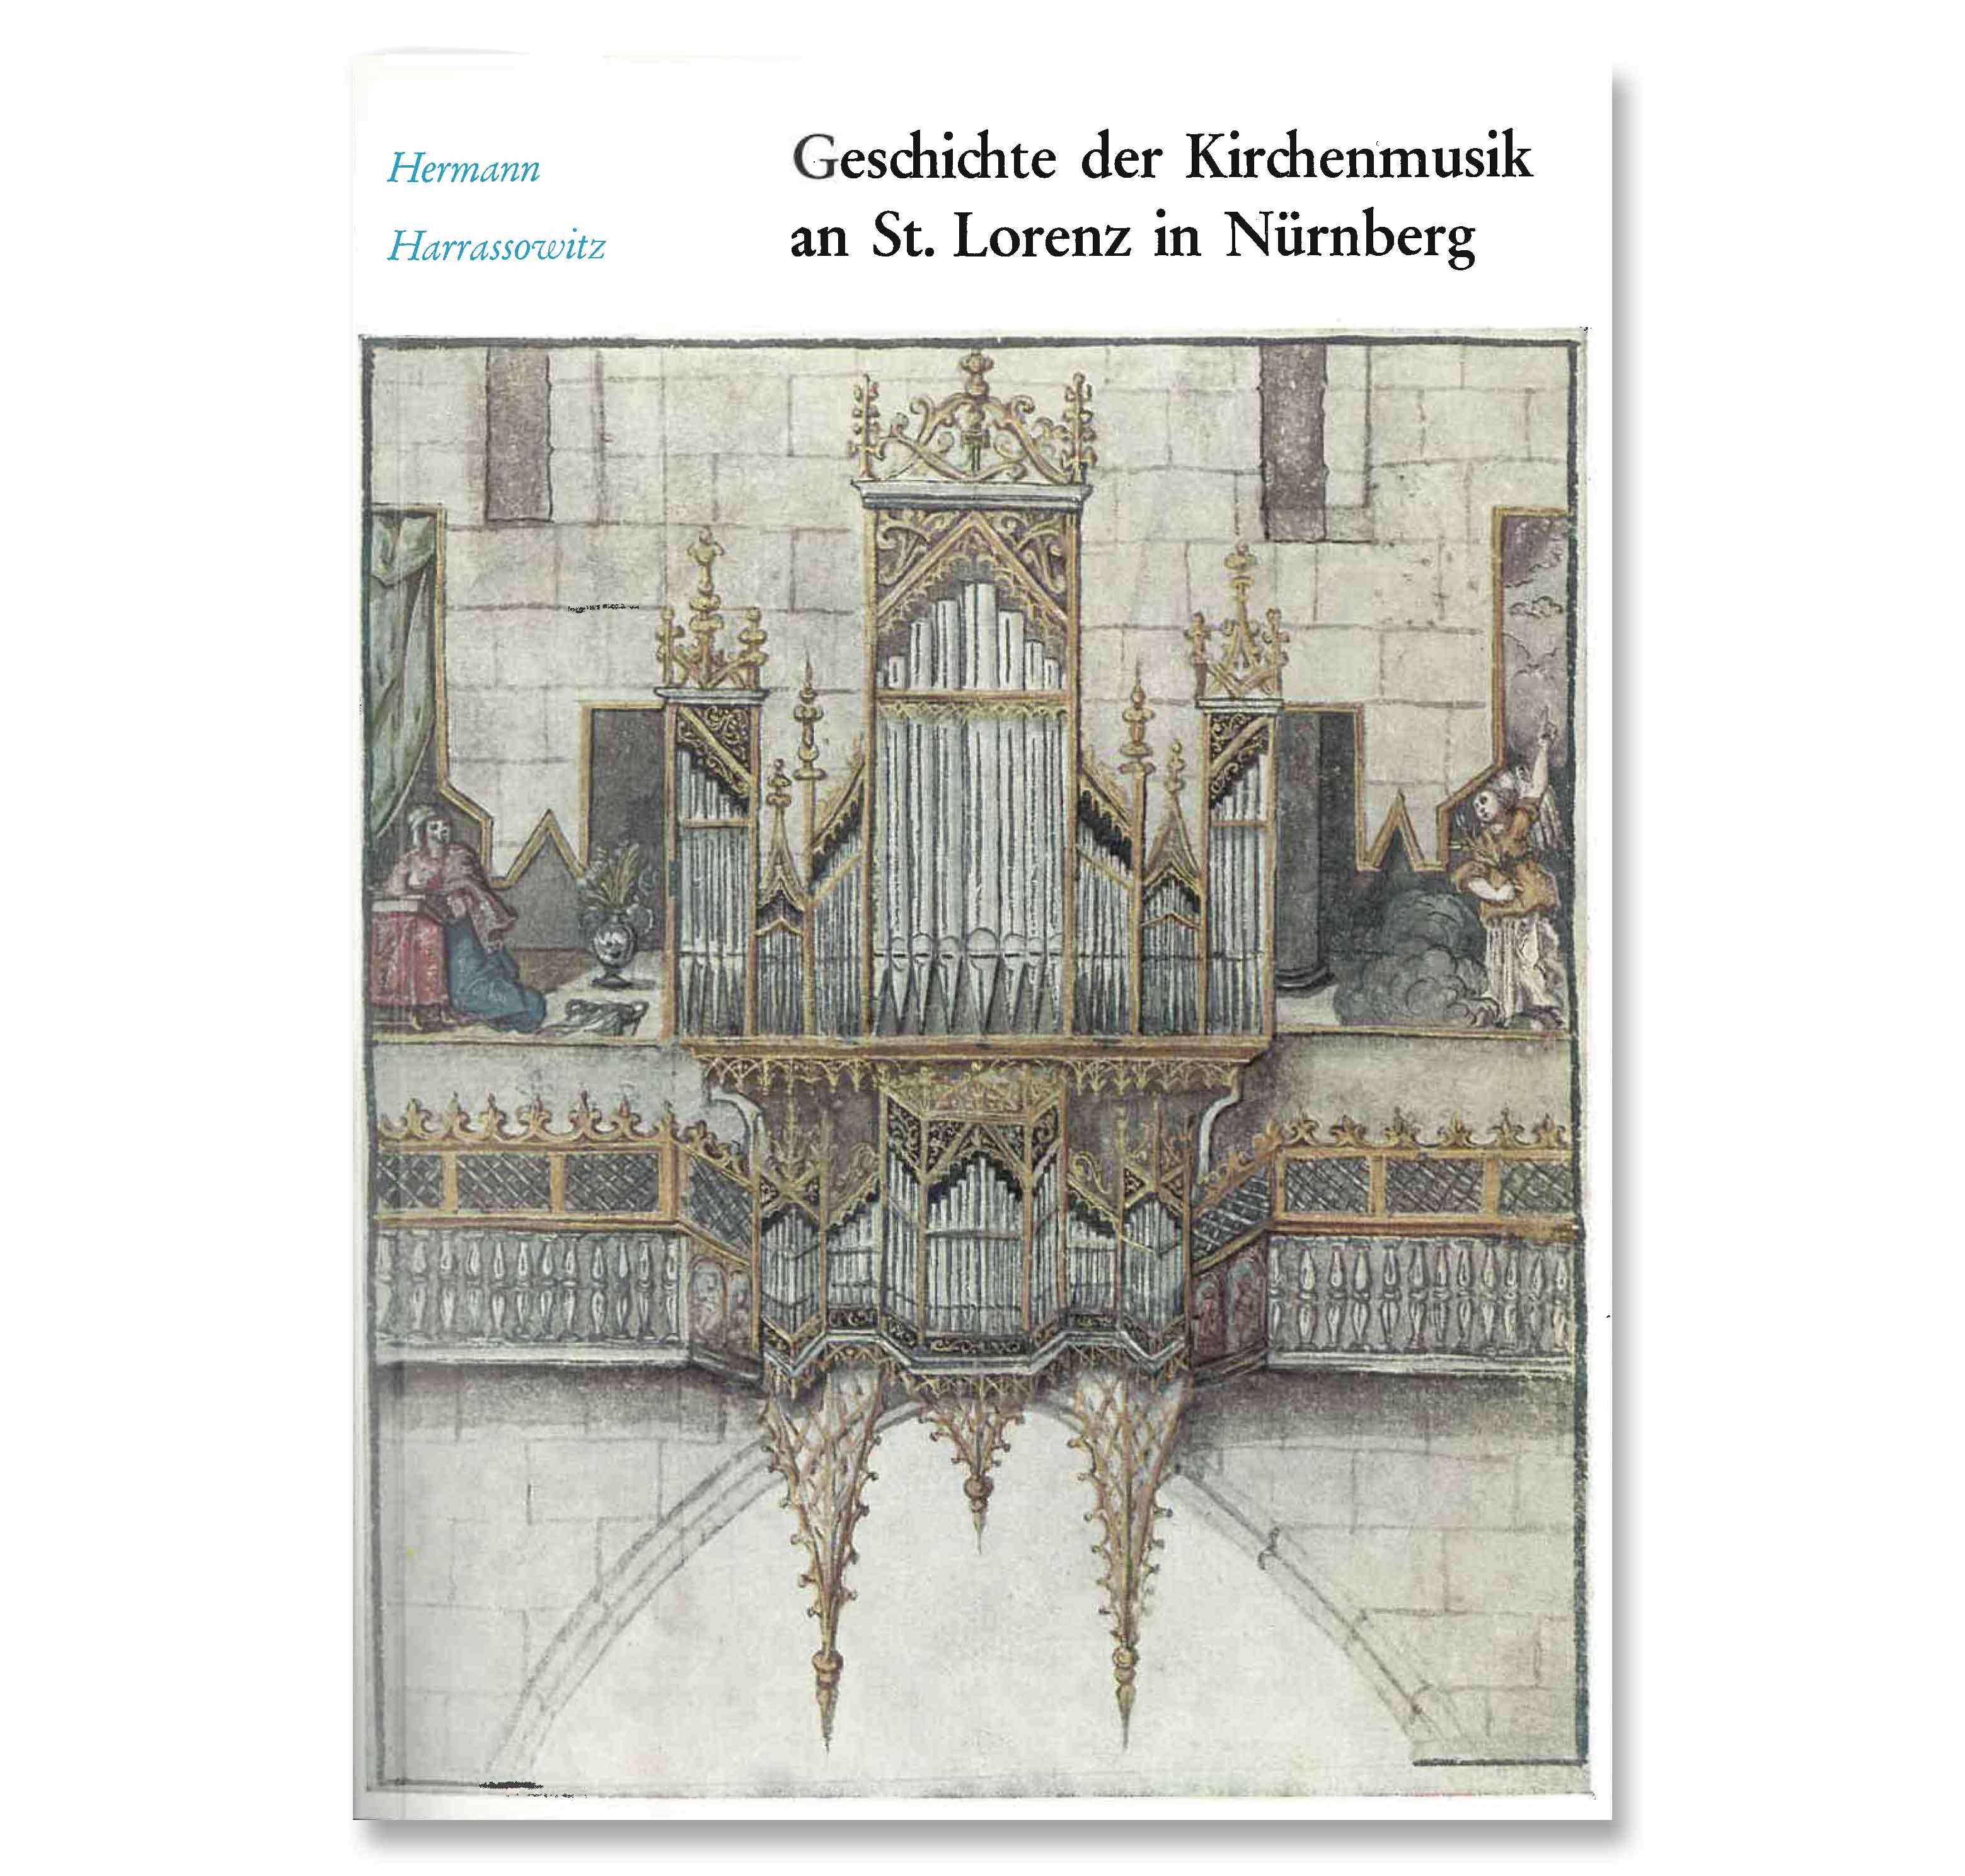 Geschichte der Kirchenmusik